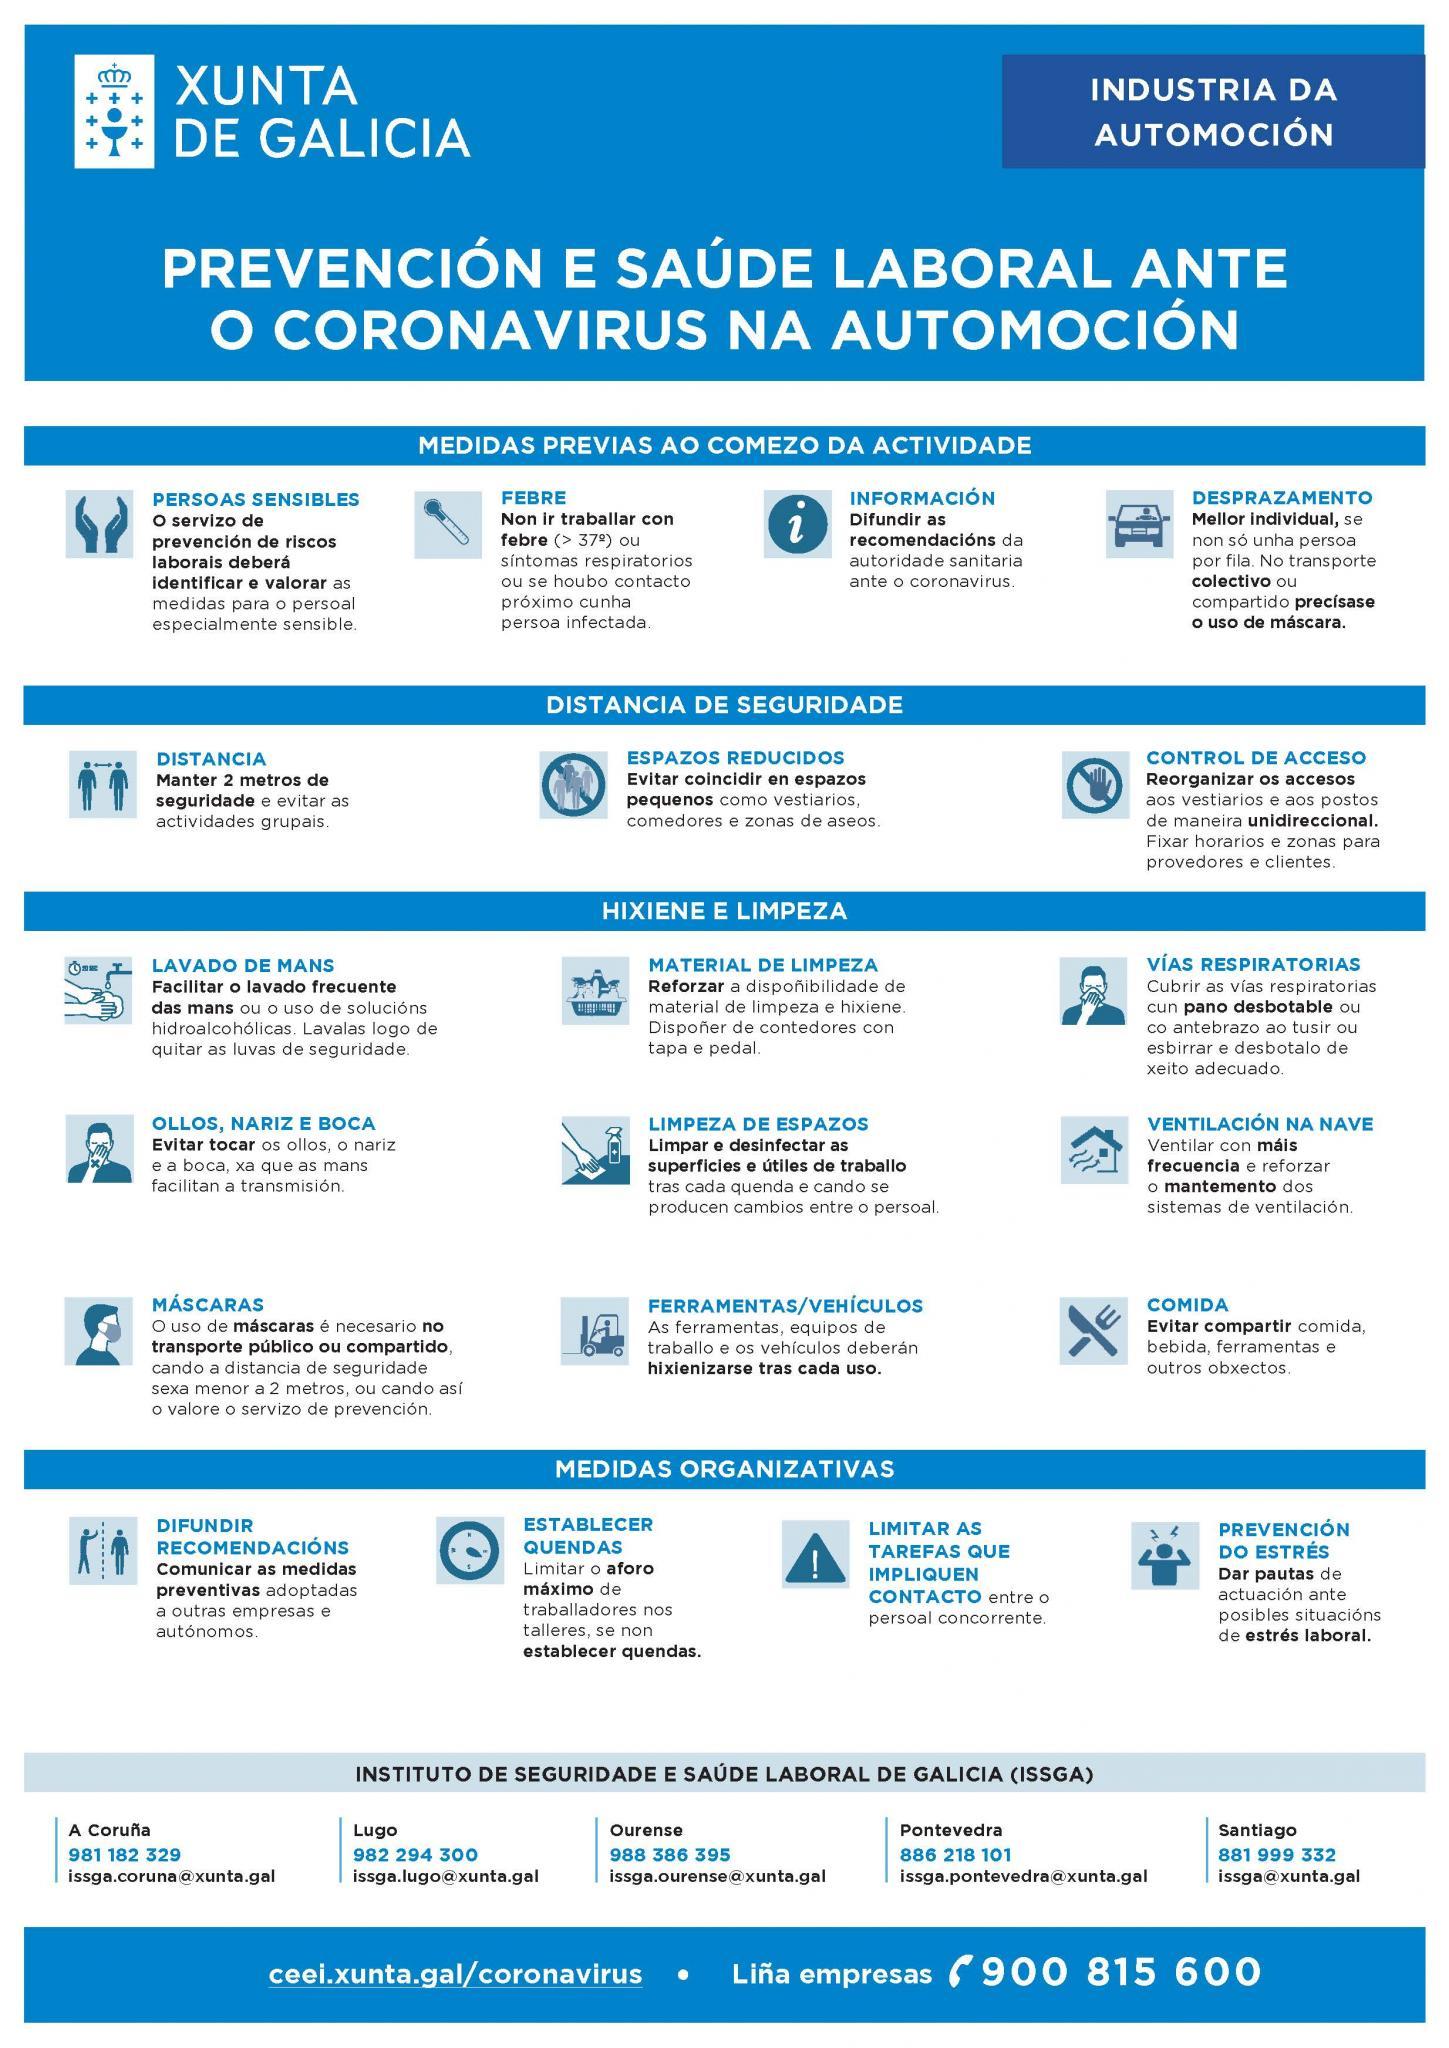 AUTOMOCIÓN.jpg